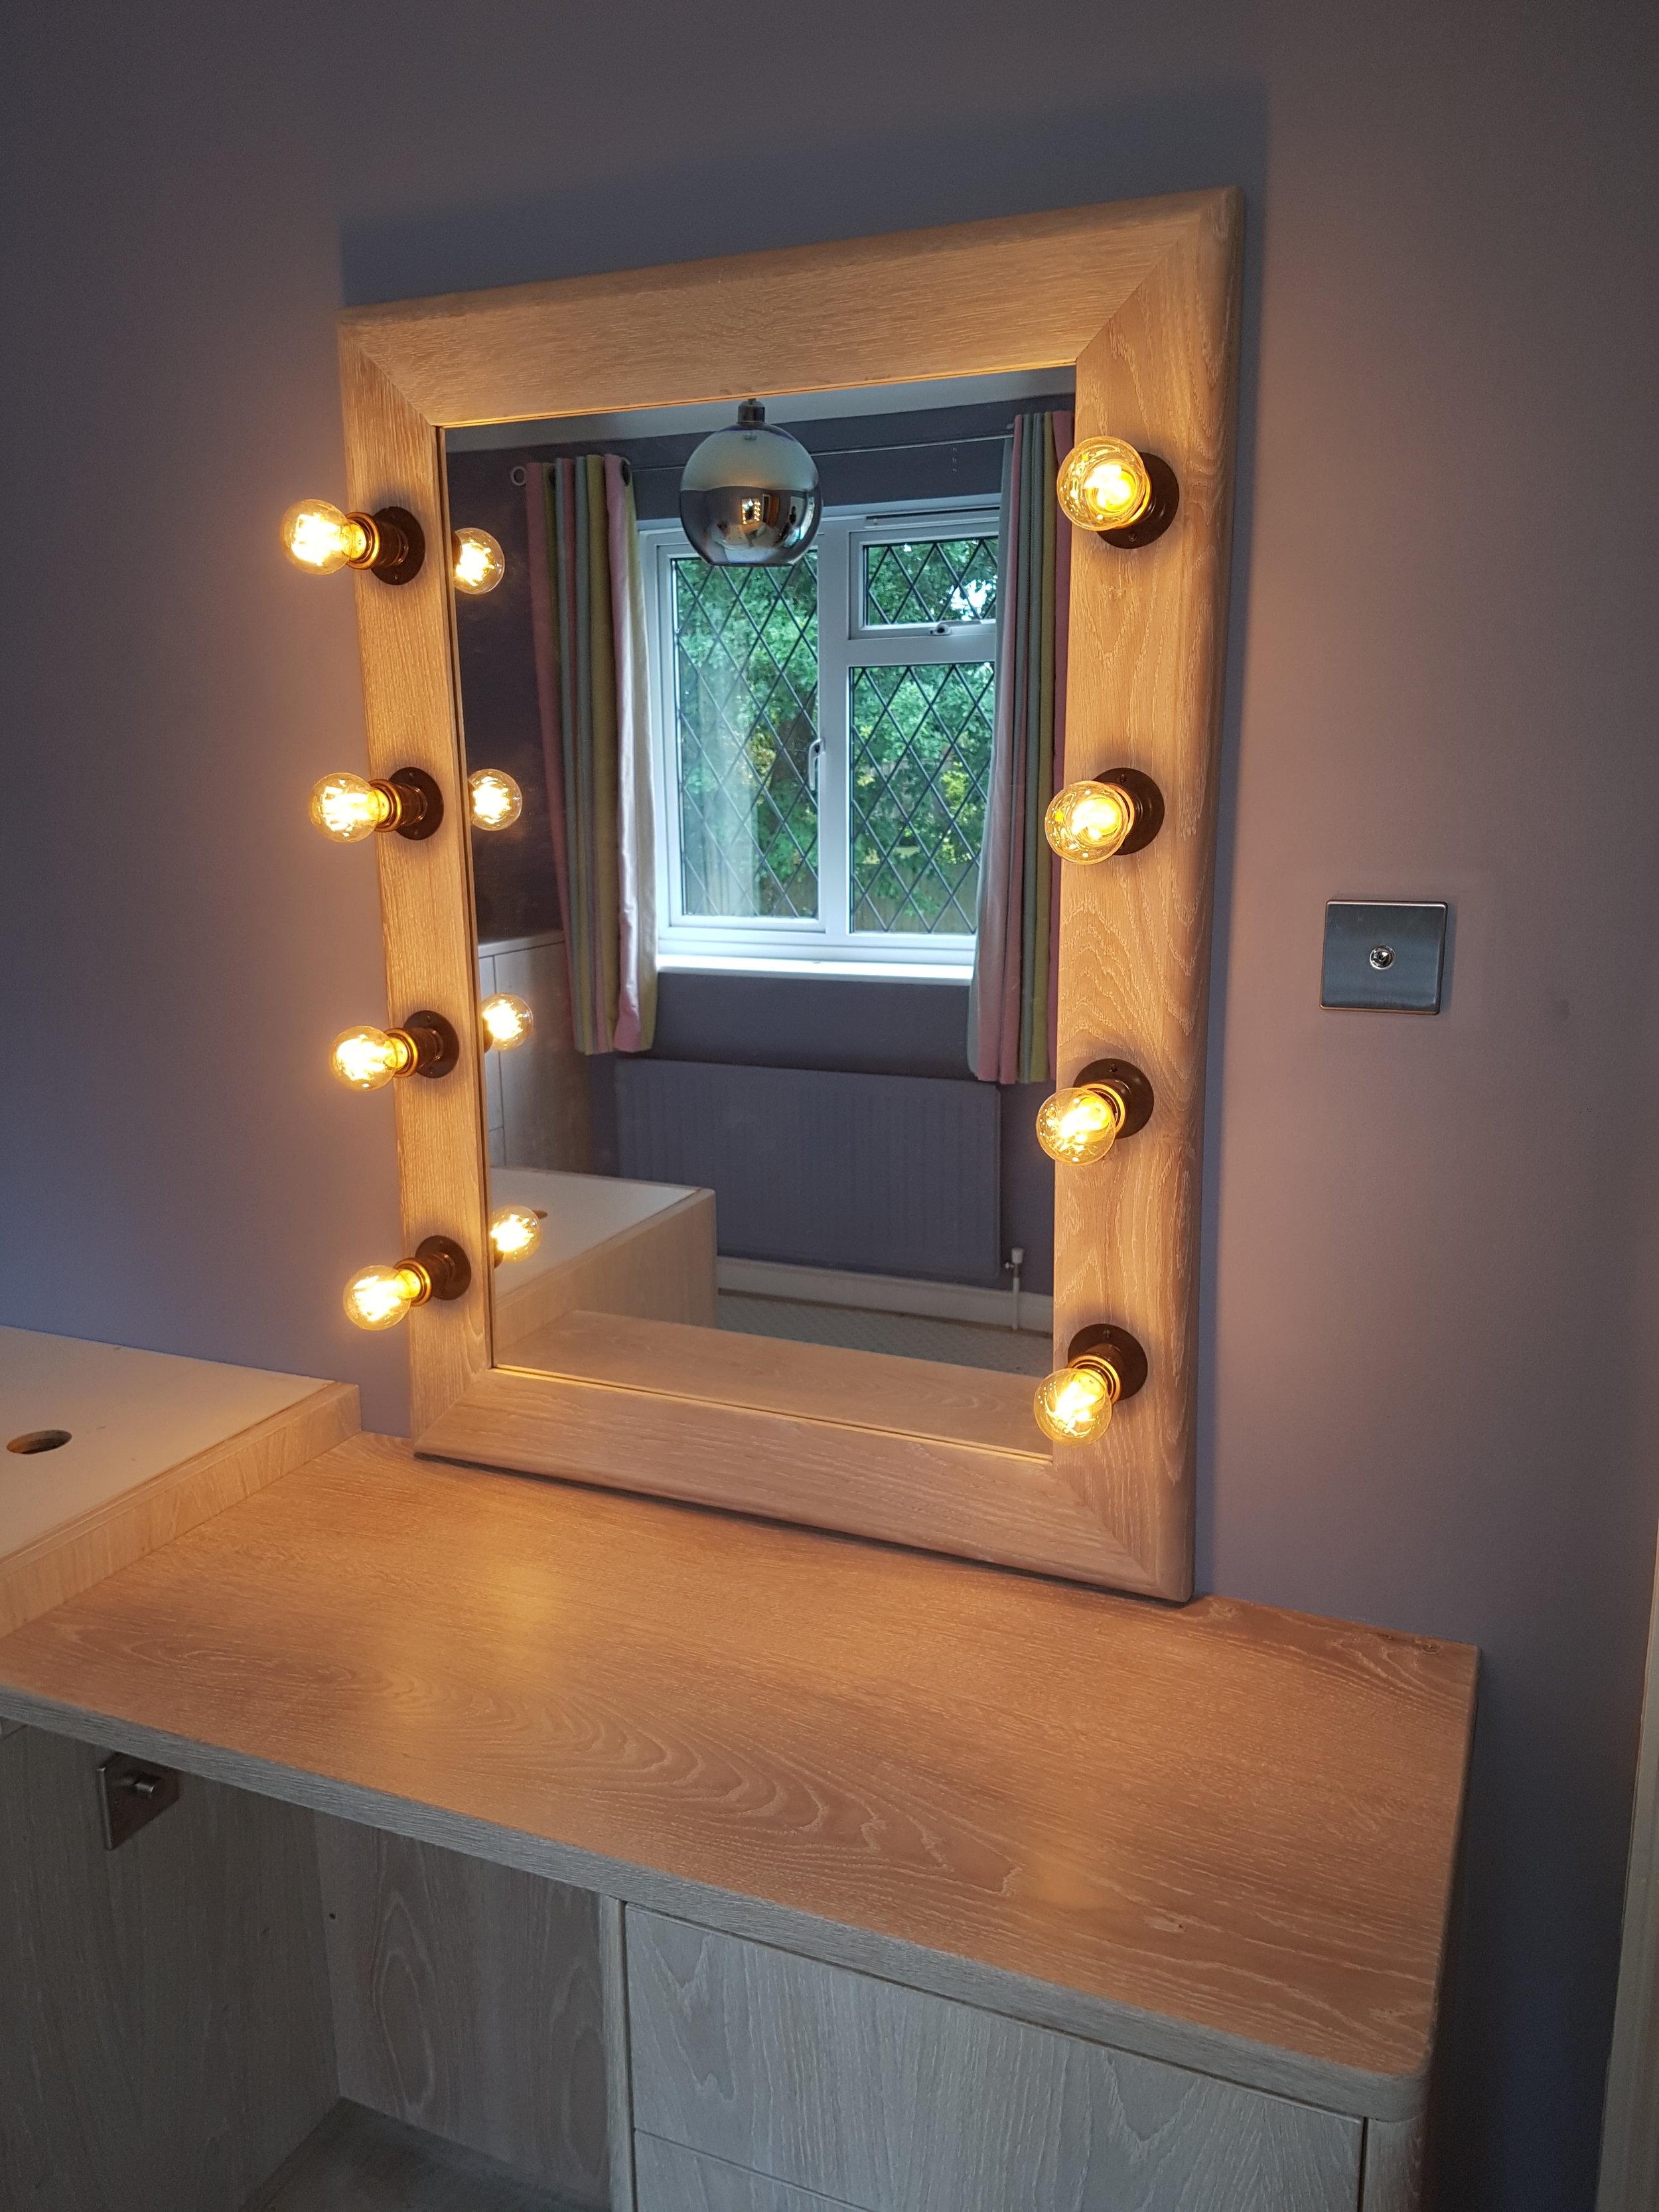 light up vanity mirror.jpg